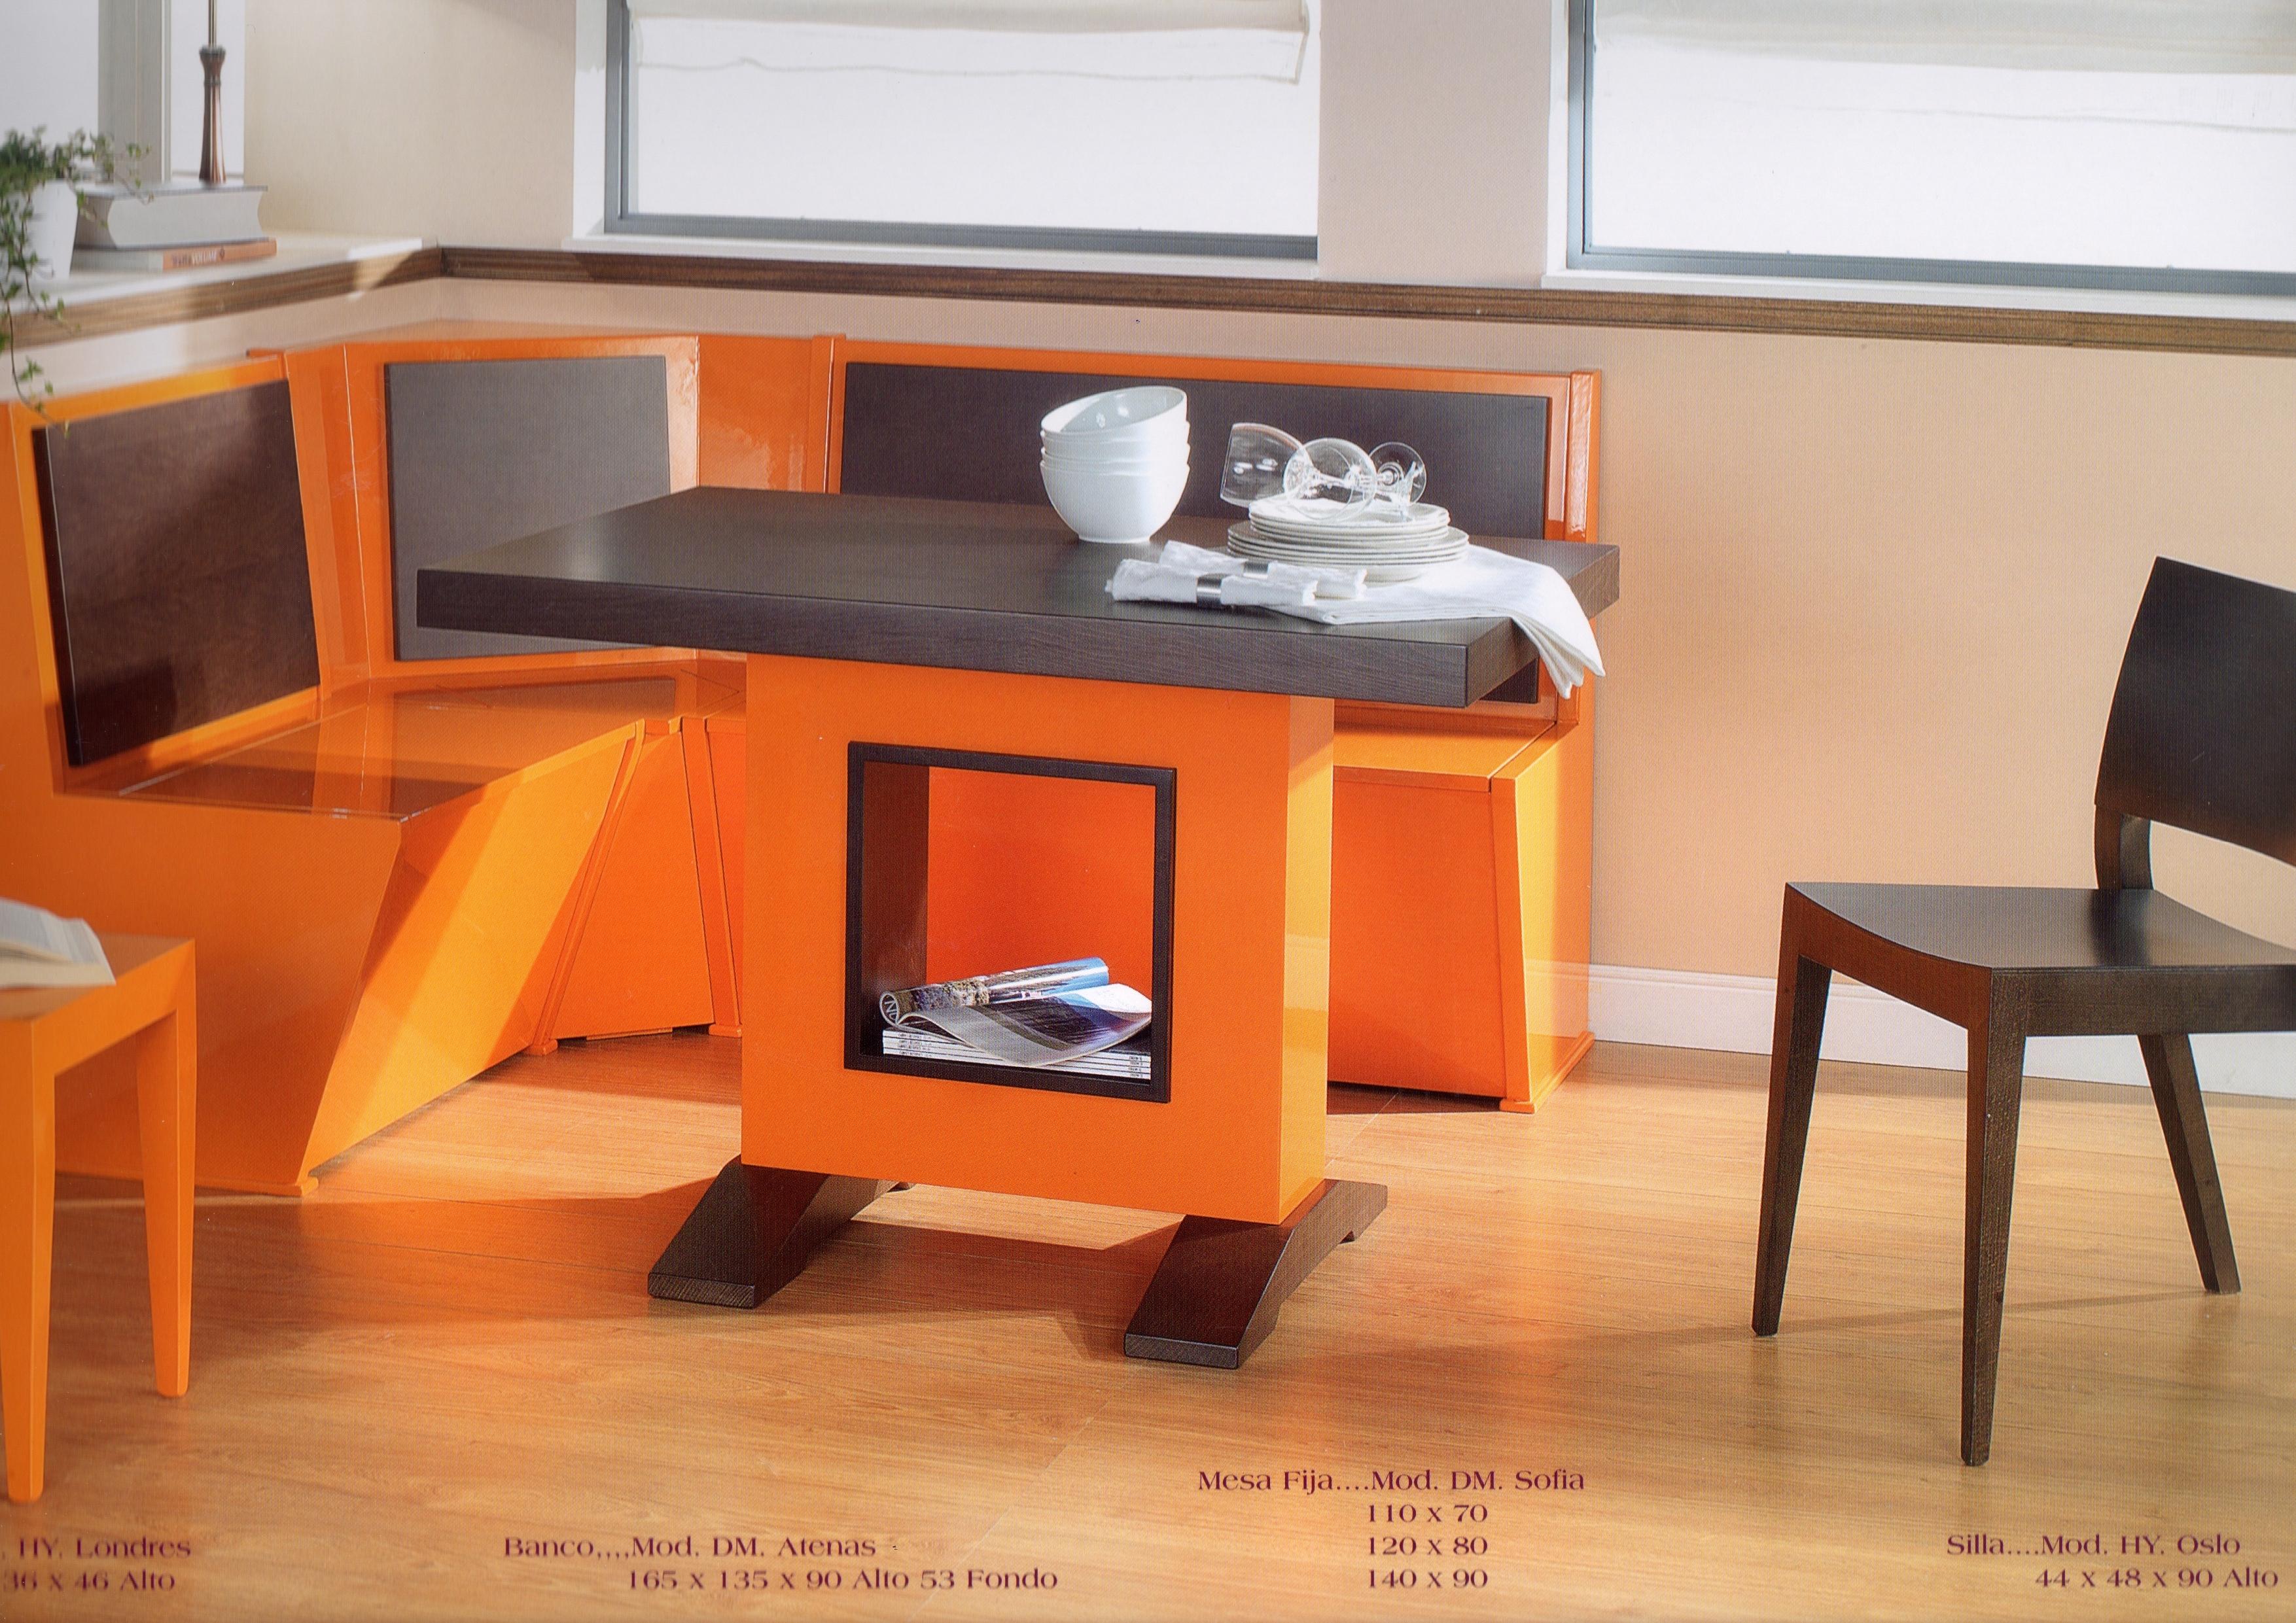 Muebles ala fabricaci n y venta de muebles de cocina for Muebles cocina bano